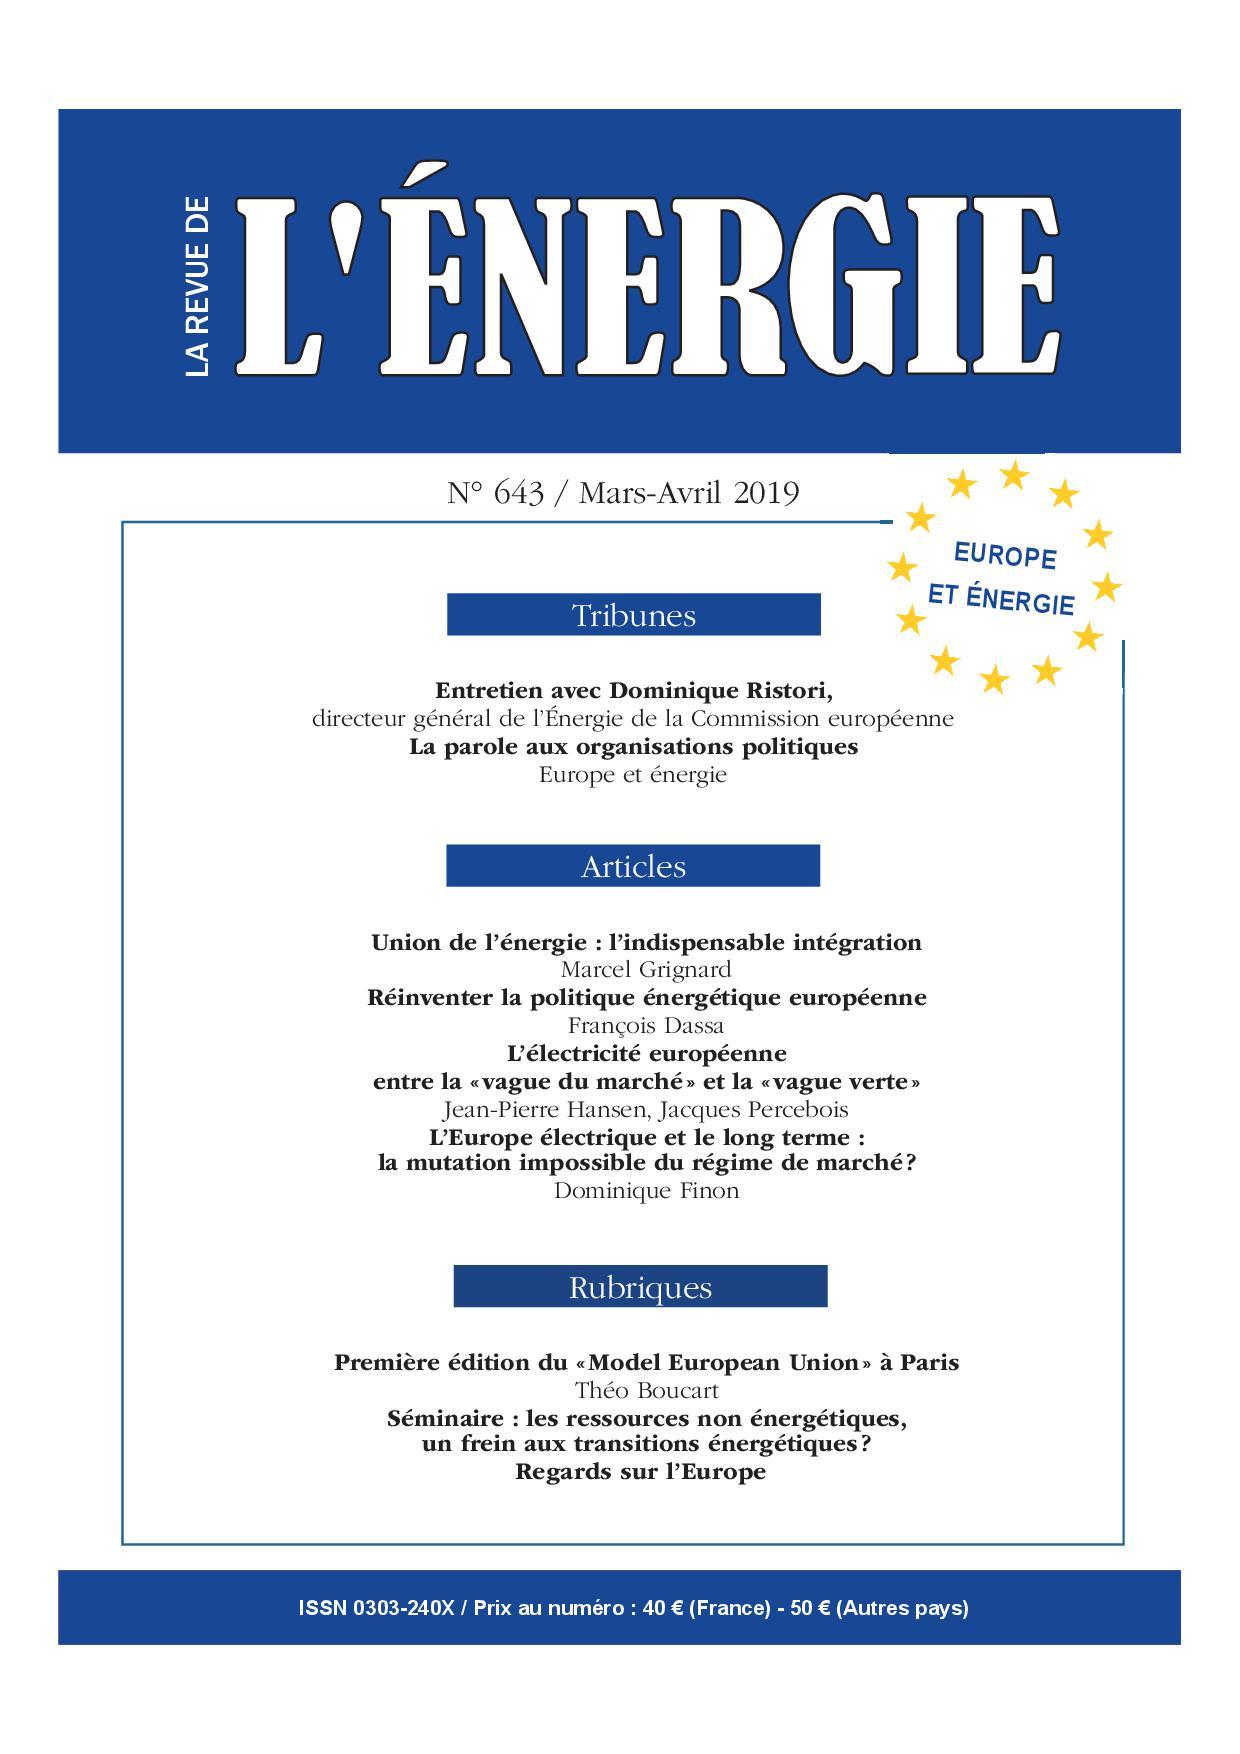 Union de l'énergie : l'indispensable intégration